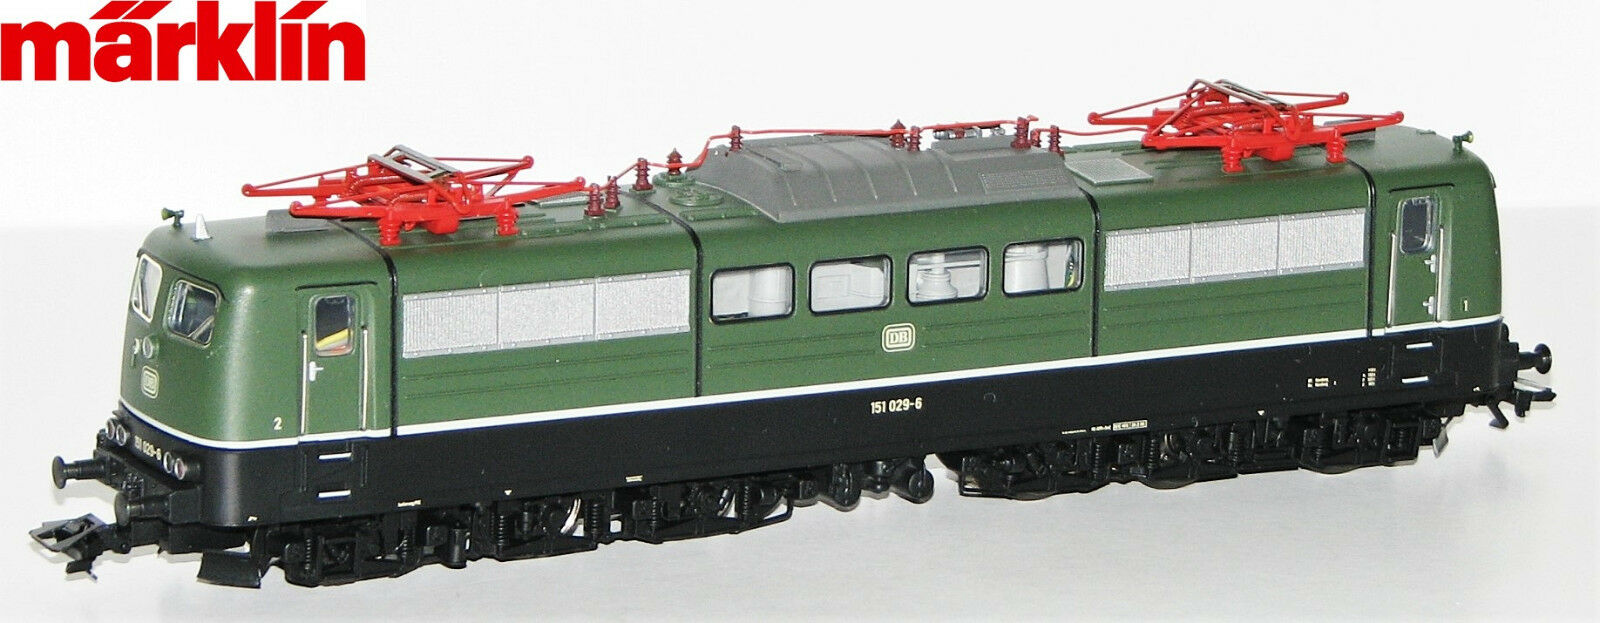 il prezzo più basso marklin h0 29051-1 E-Lok BR 151 029-6 029-6 029-6 delle DB  MFX suono  - NUOVO  senza esitazione! acquista ora!